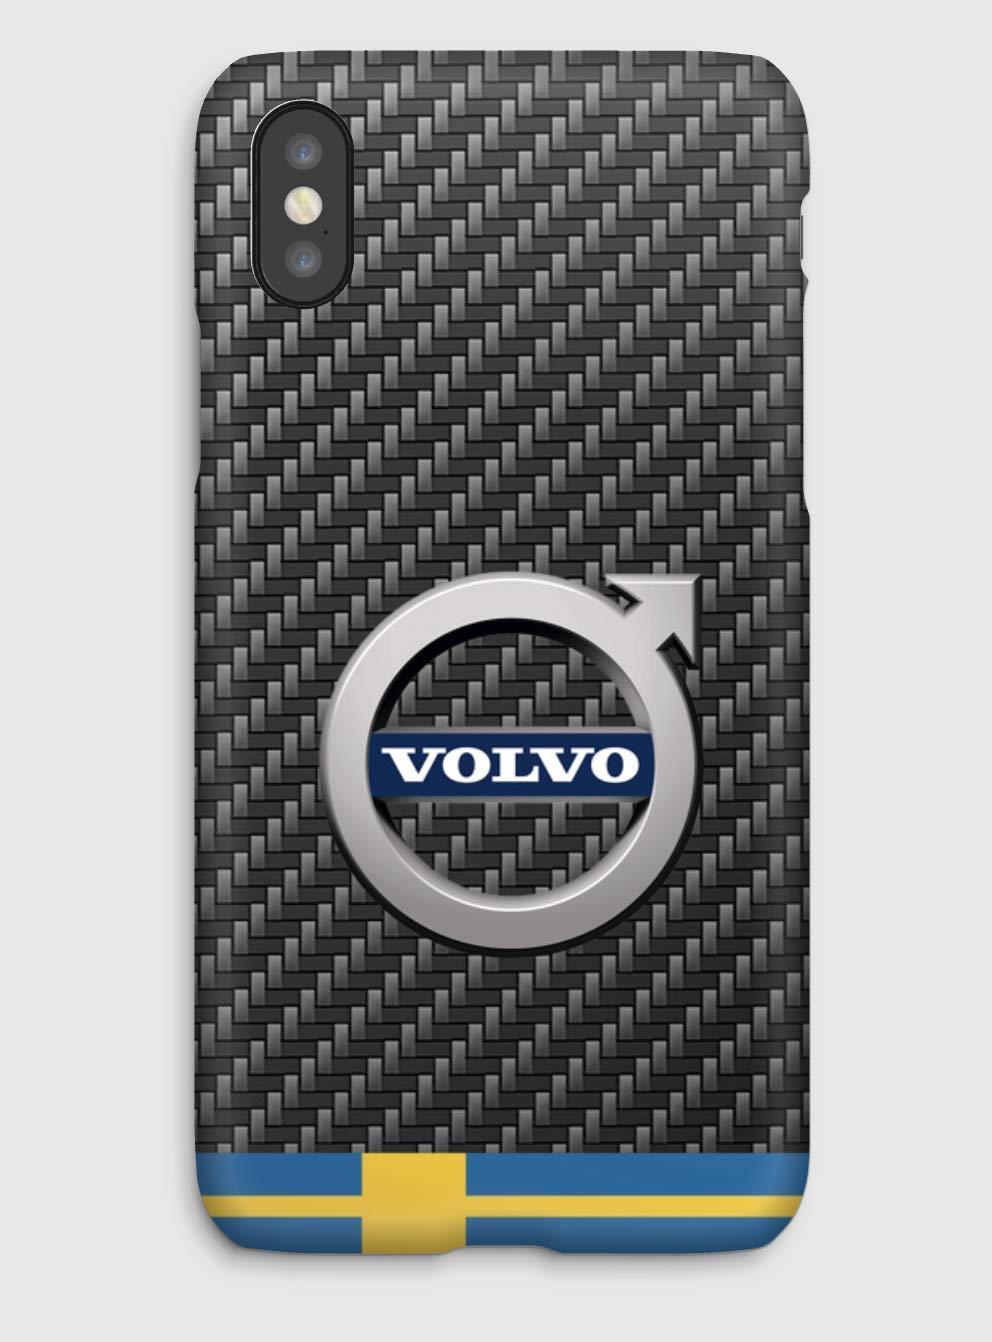 Carbon Volvo, coque pour iPhone XS, XS Max, XR, X, 8, 8+, 7, 7+, 6S, 6, 6S+, 6+, 5C, 5, 5S, 5SE, 4S, 4,